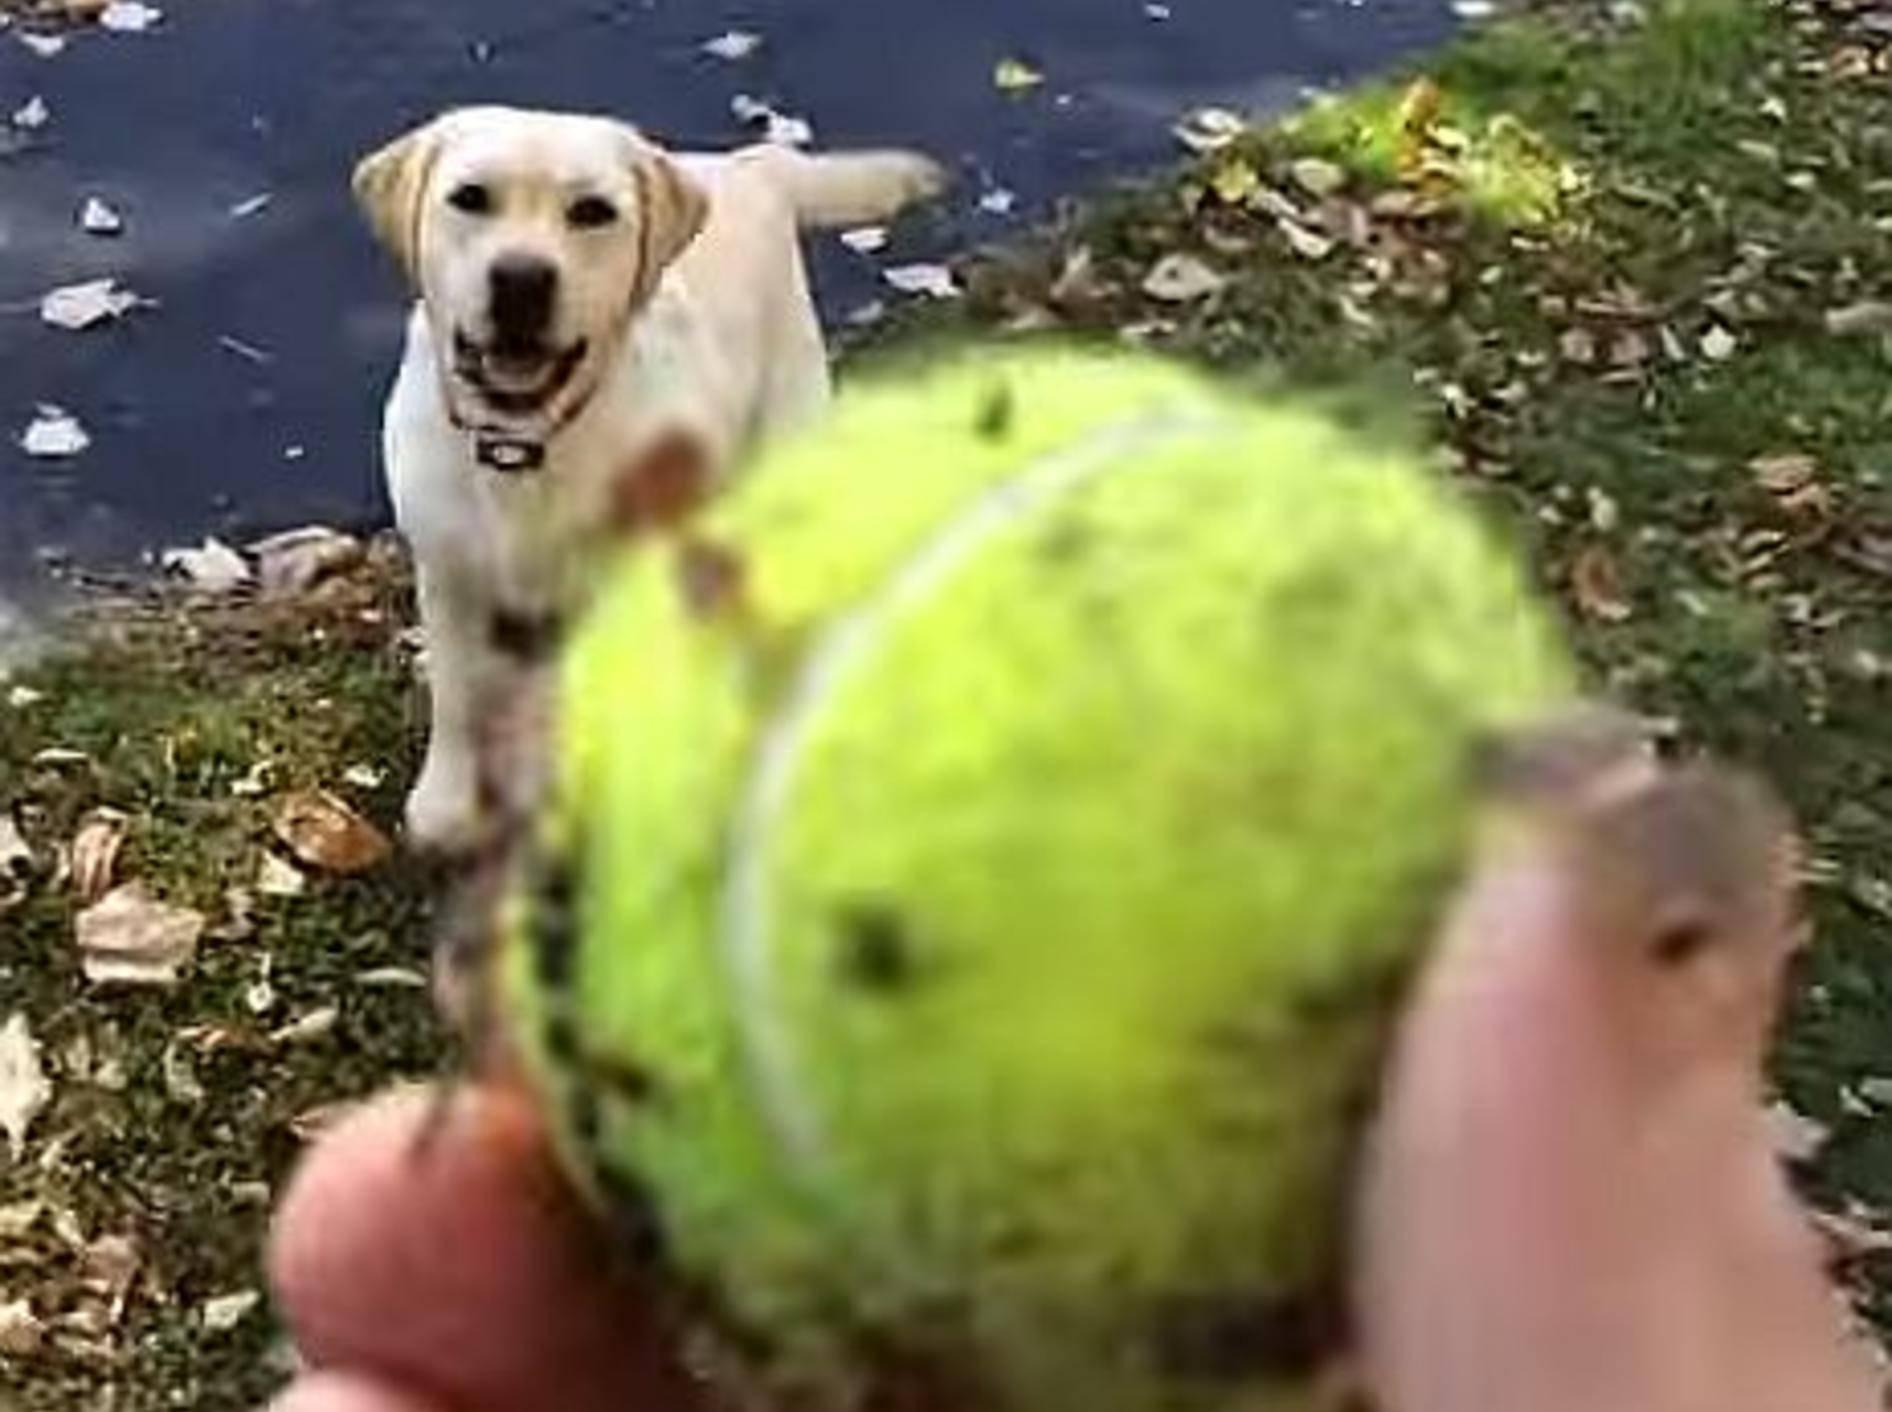 Süßer Hund: Ballspaß in riesigem Laubhaufen – Bild: Youtube / Jody Hartman